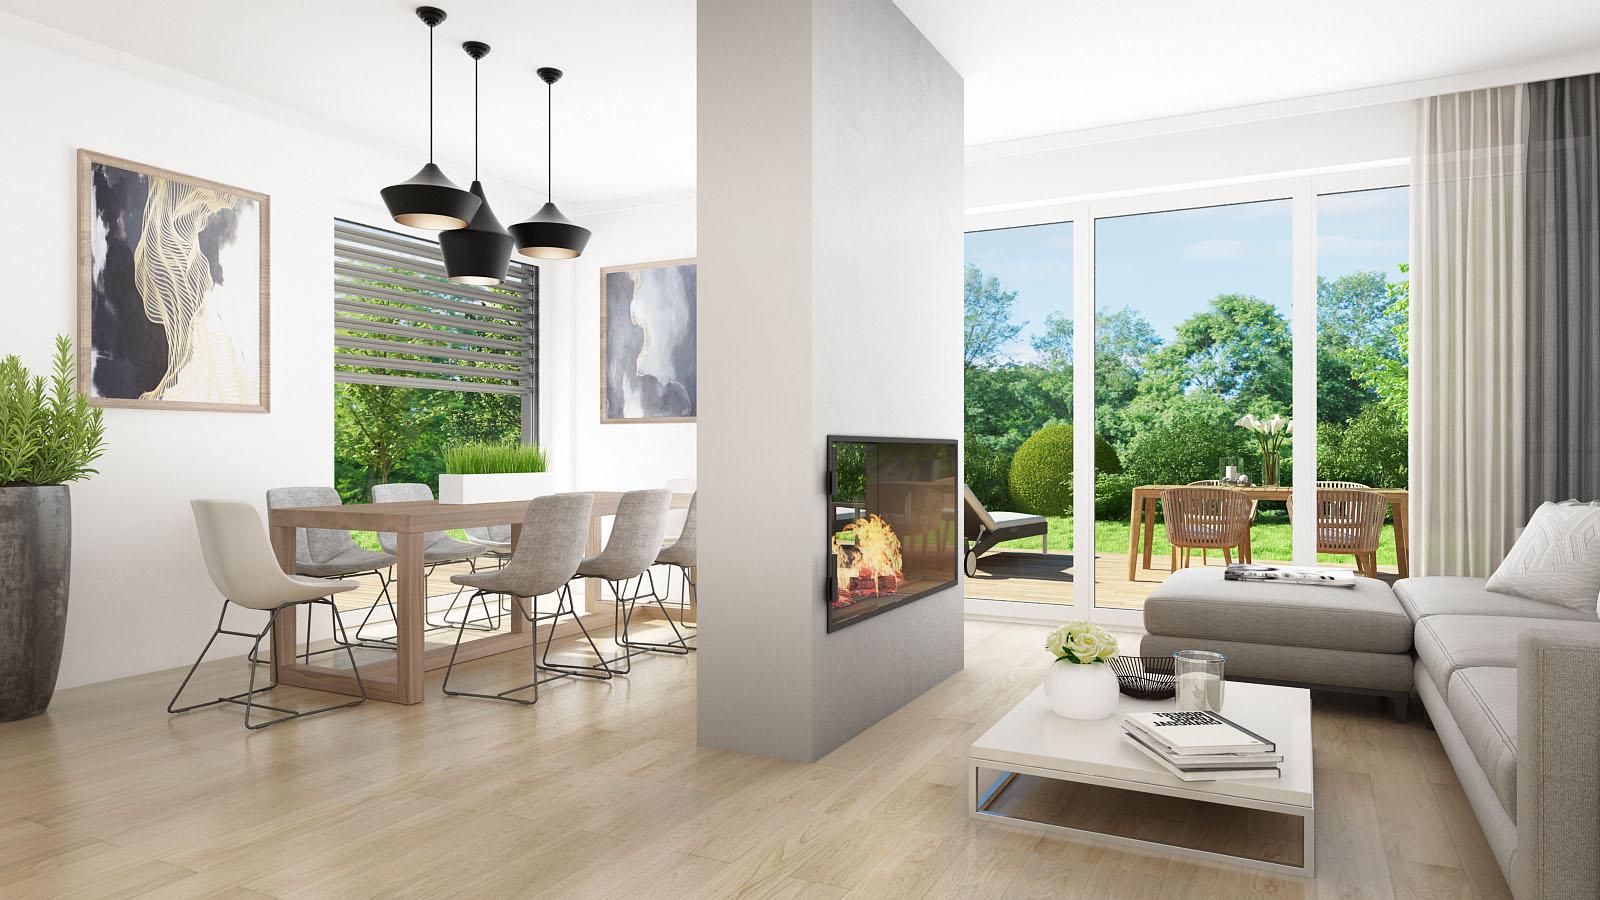 stil wohnzimmer interieur gegensatze, stil wohnzimmer interieur gegensatze – vitaplaza, Ideen entwickeln